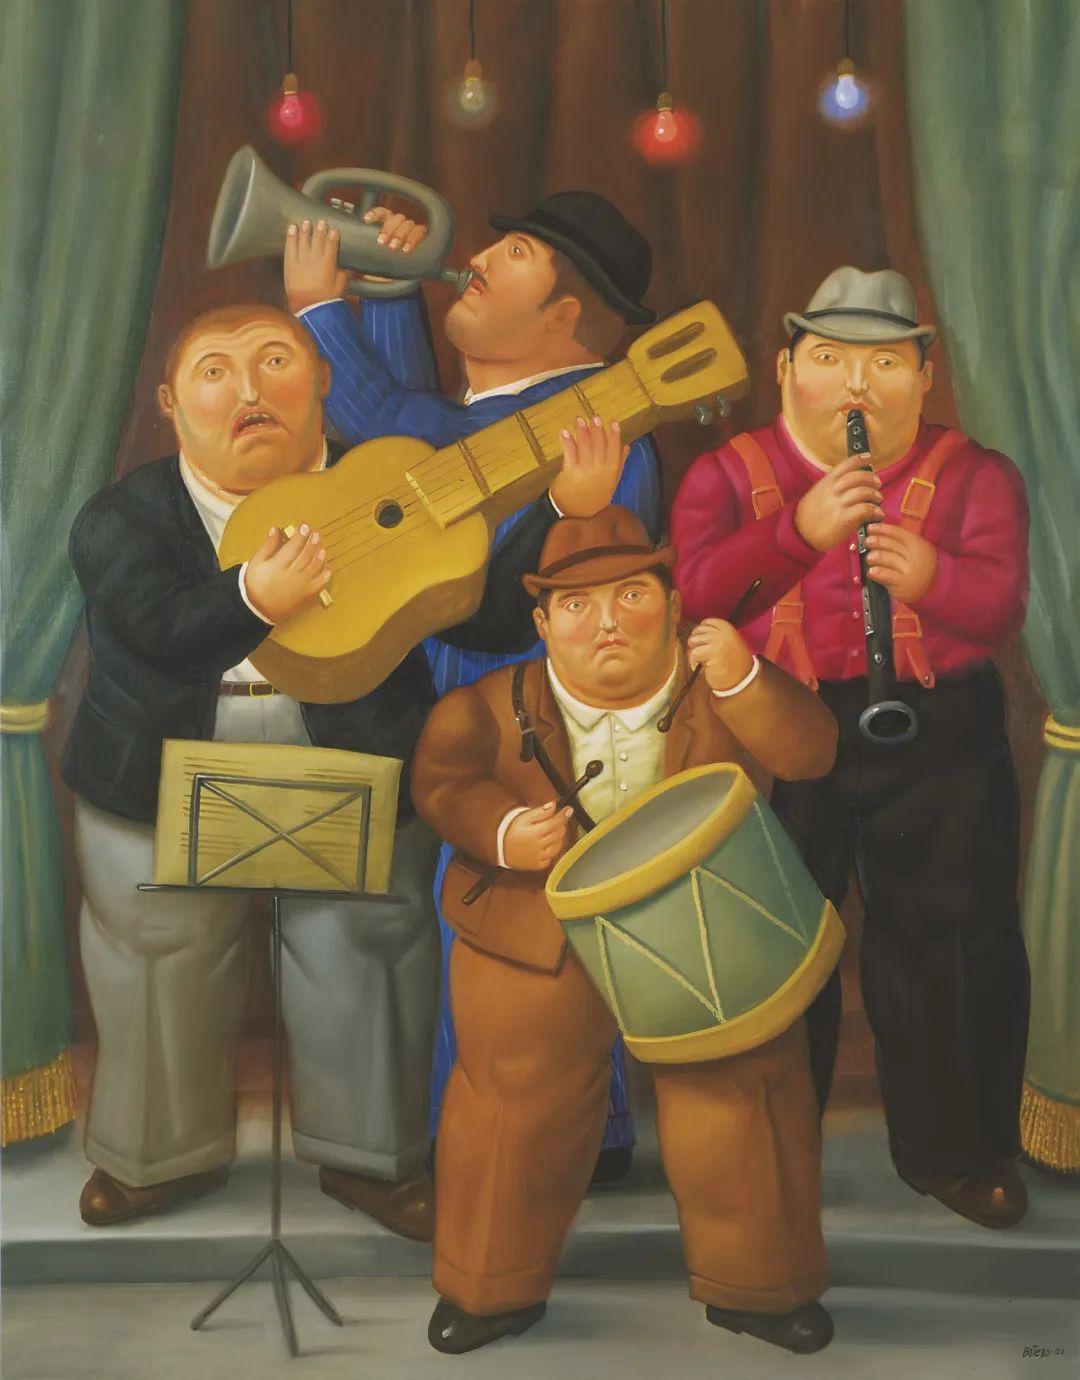 诙谐幽默的圆润形态 | 费尔南多·波特罗插图70